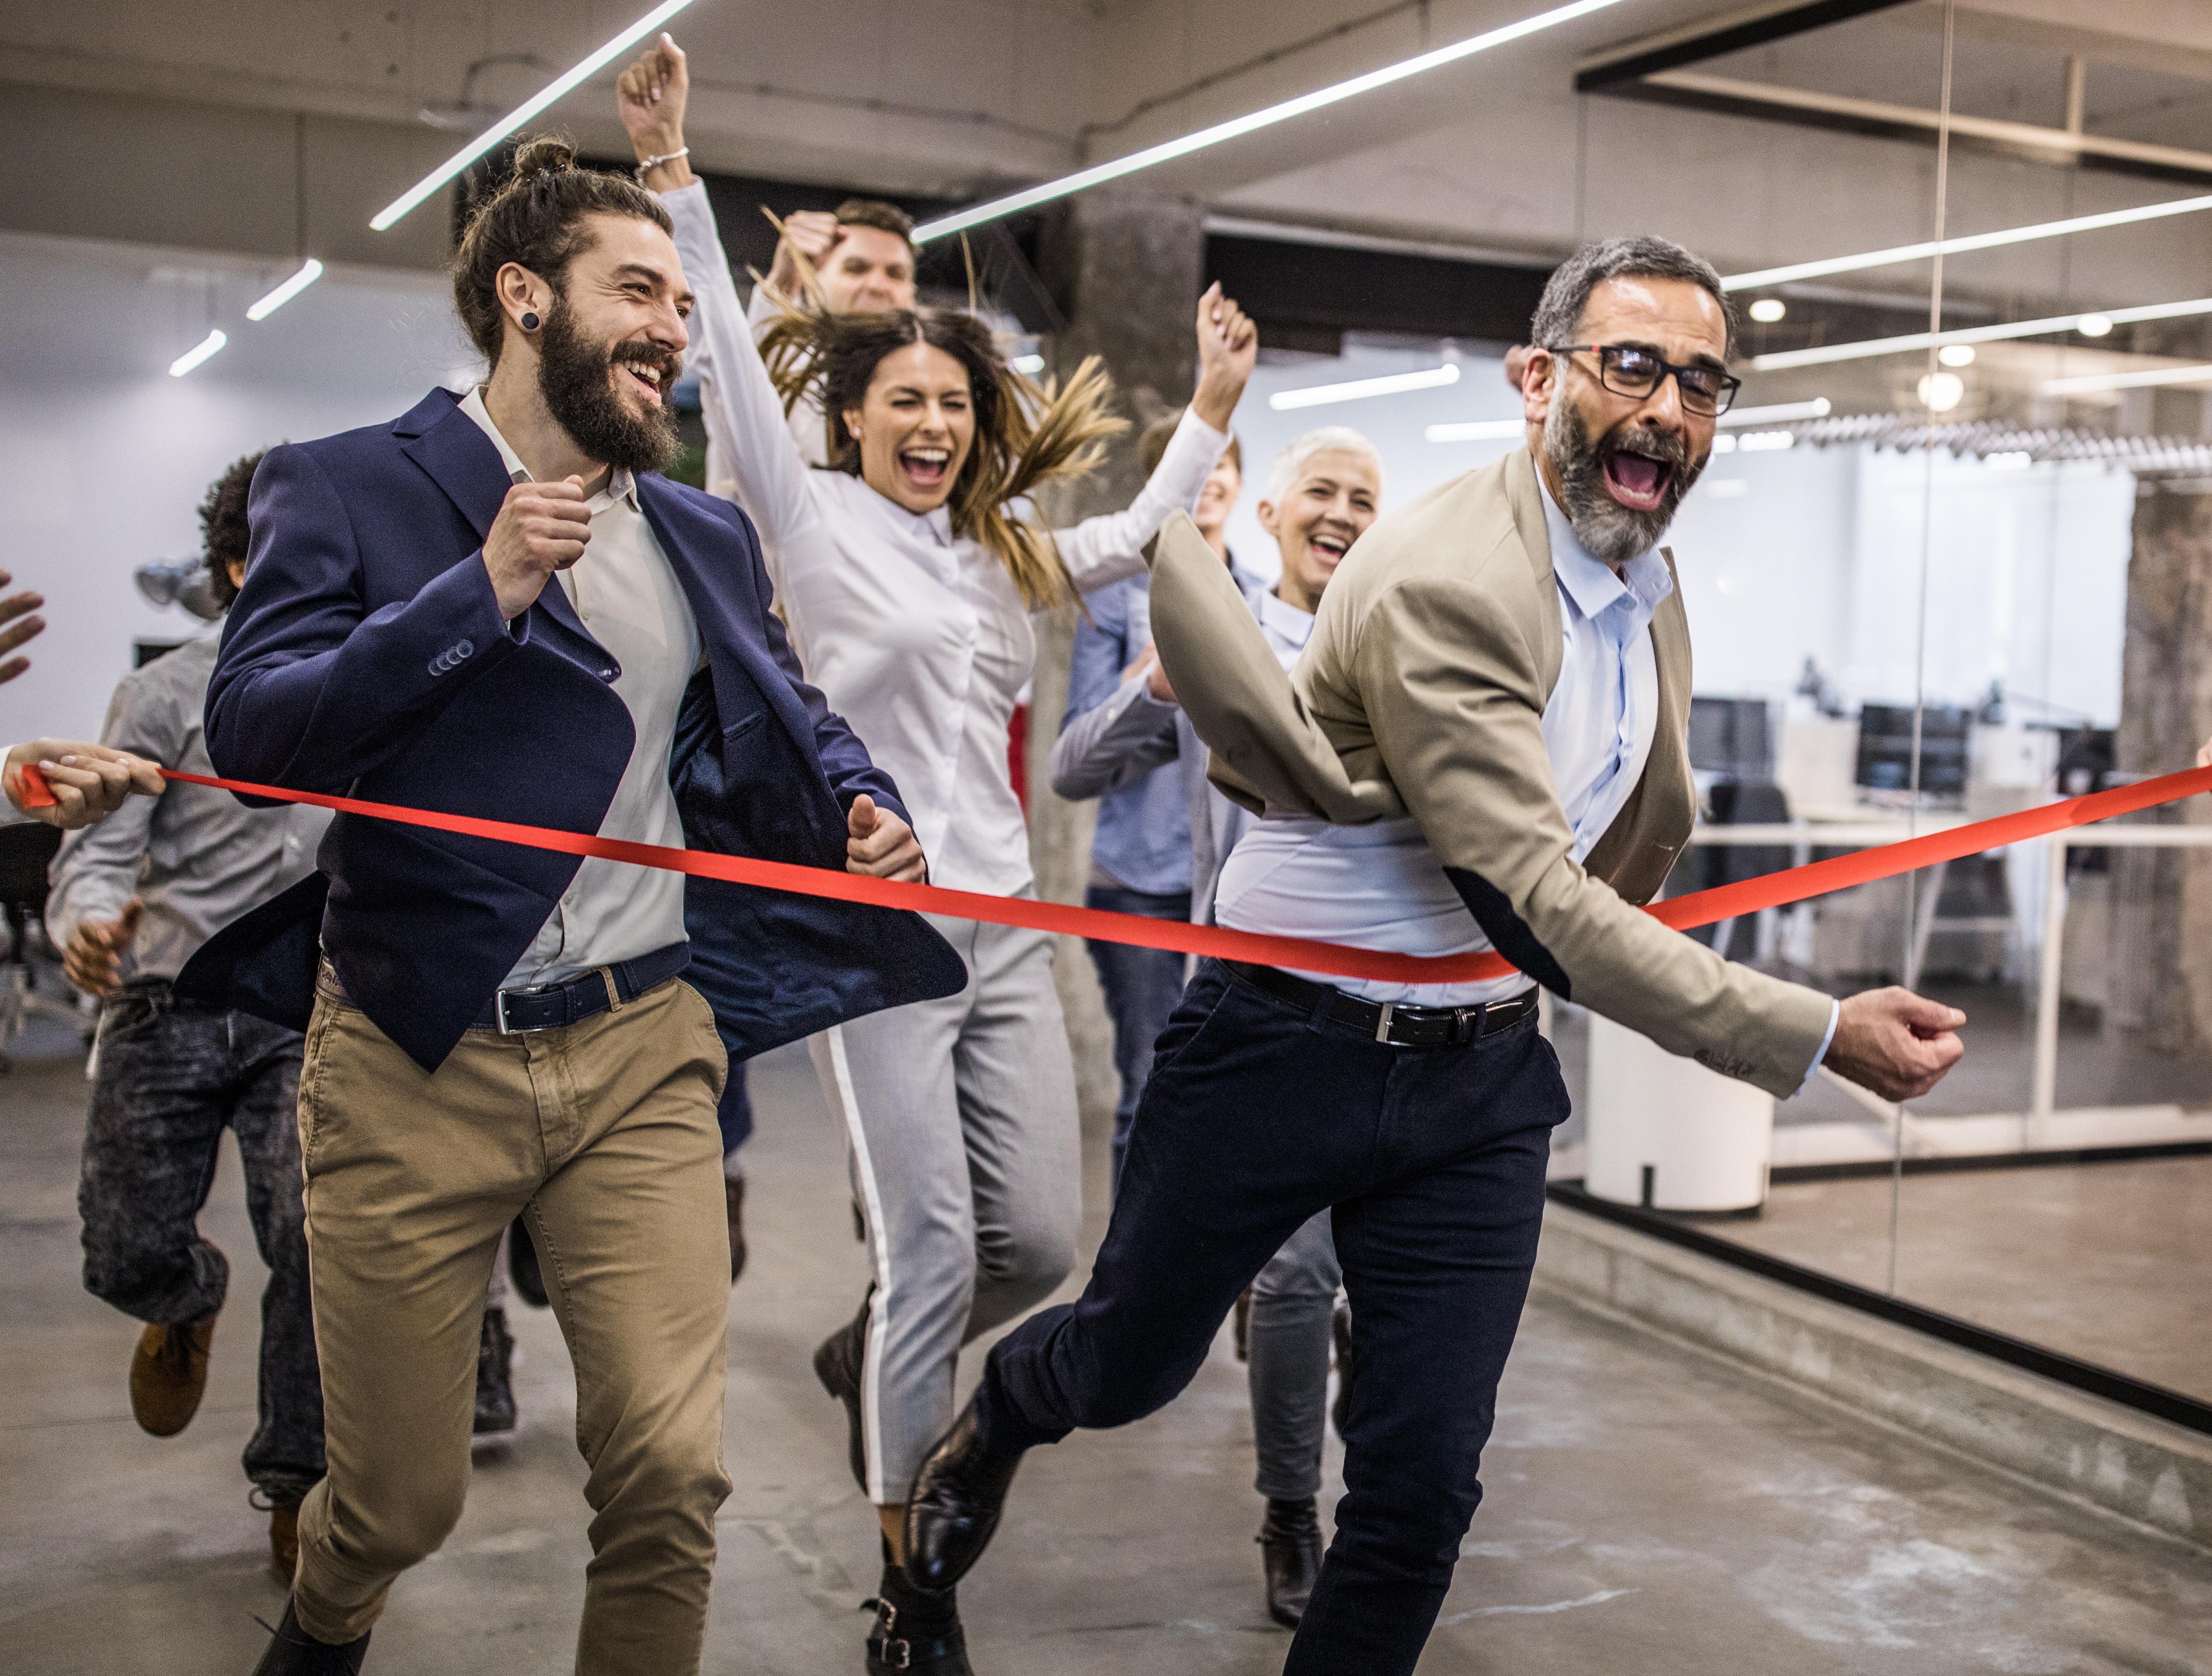 colaboradores,empresa,estratégia,liderança,mindfulness,produtividade,